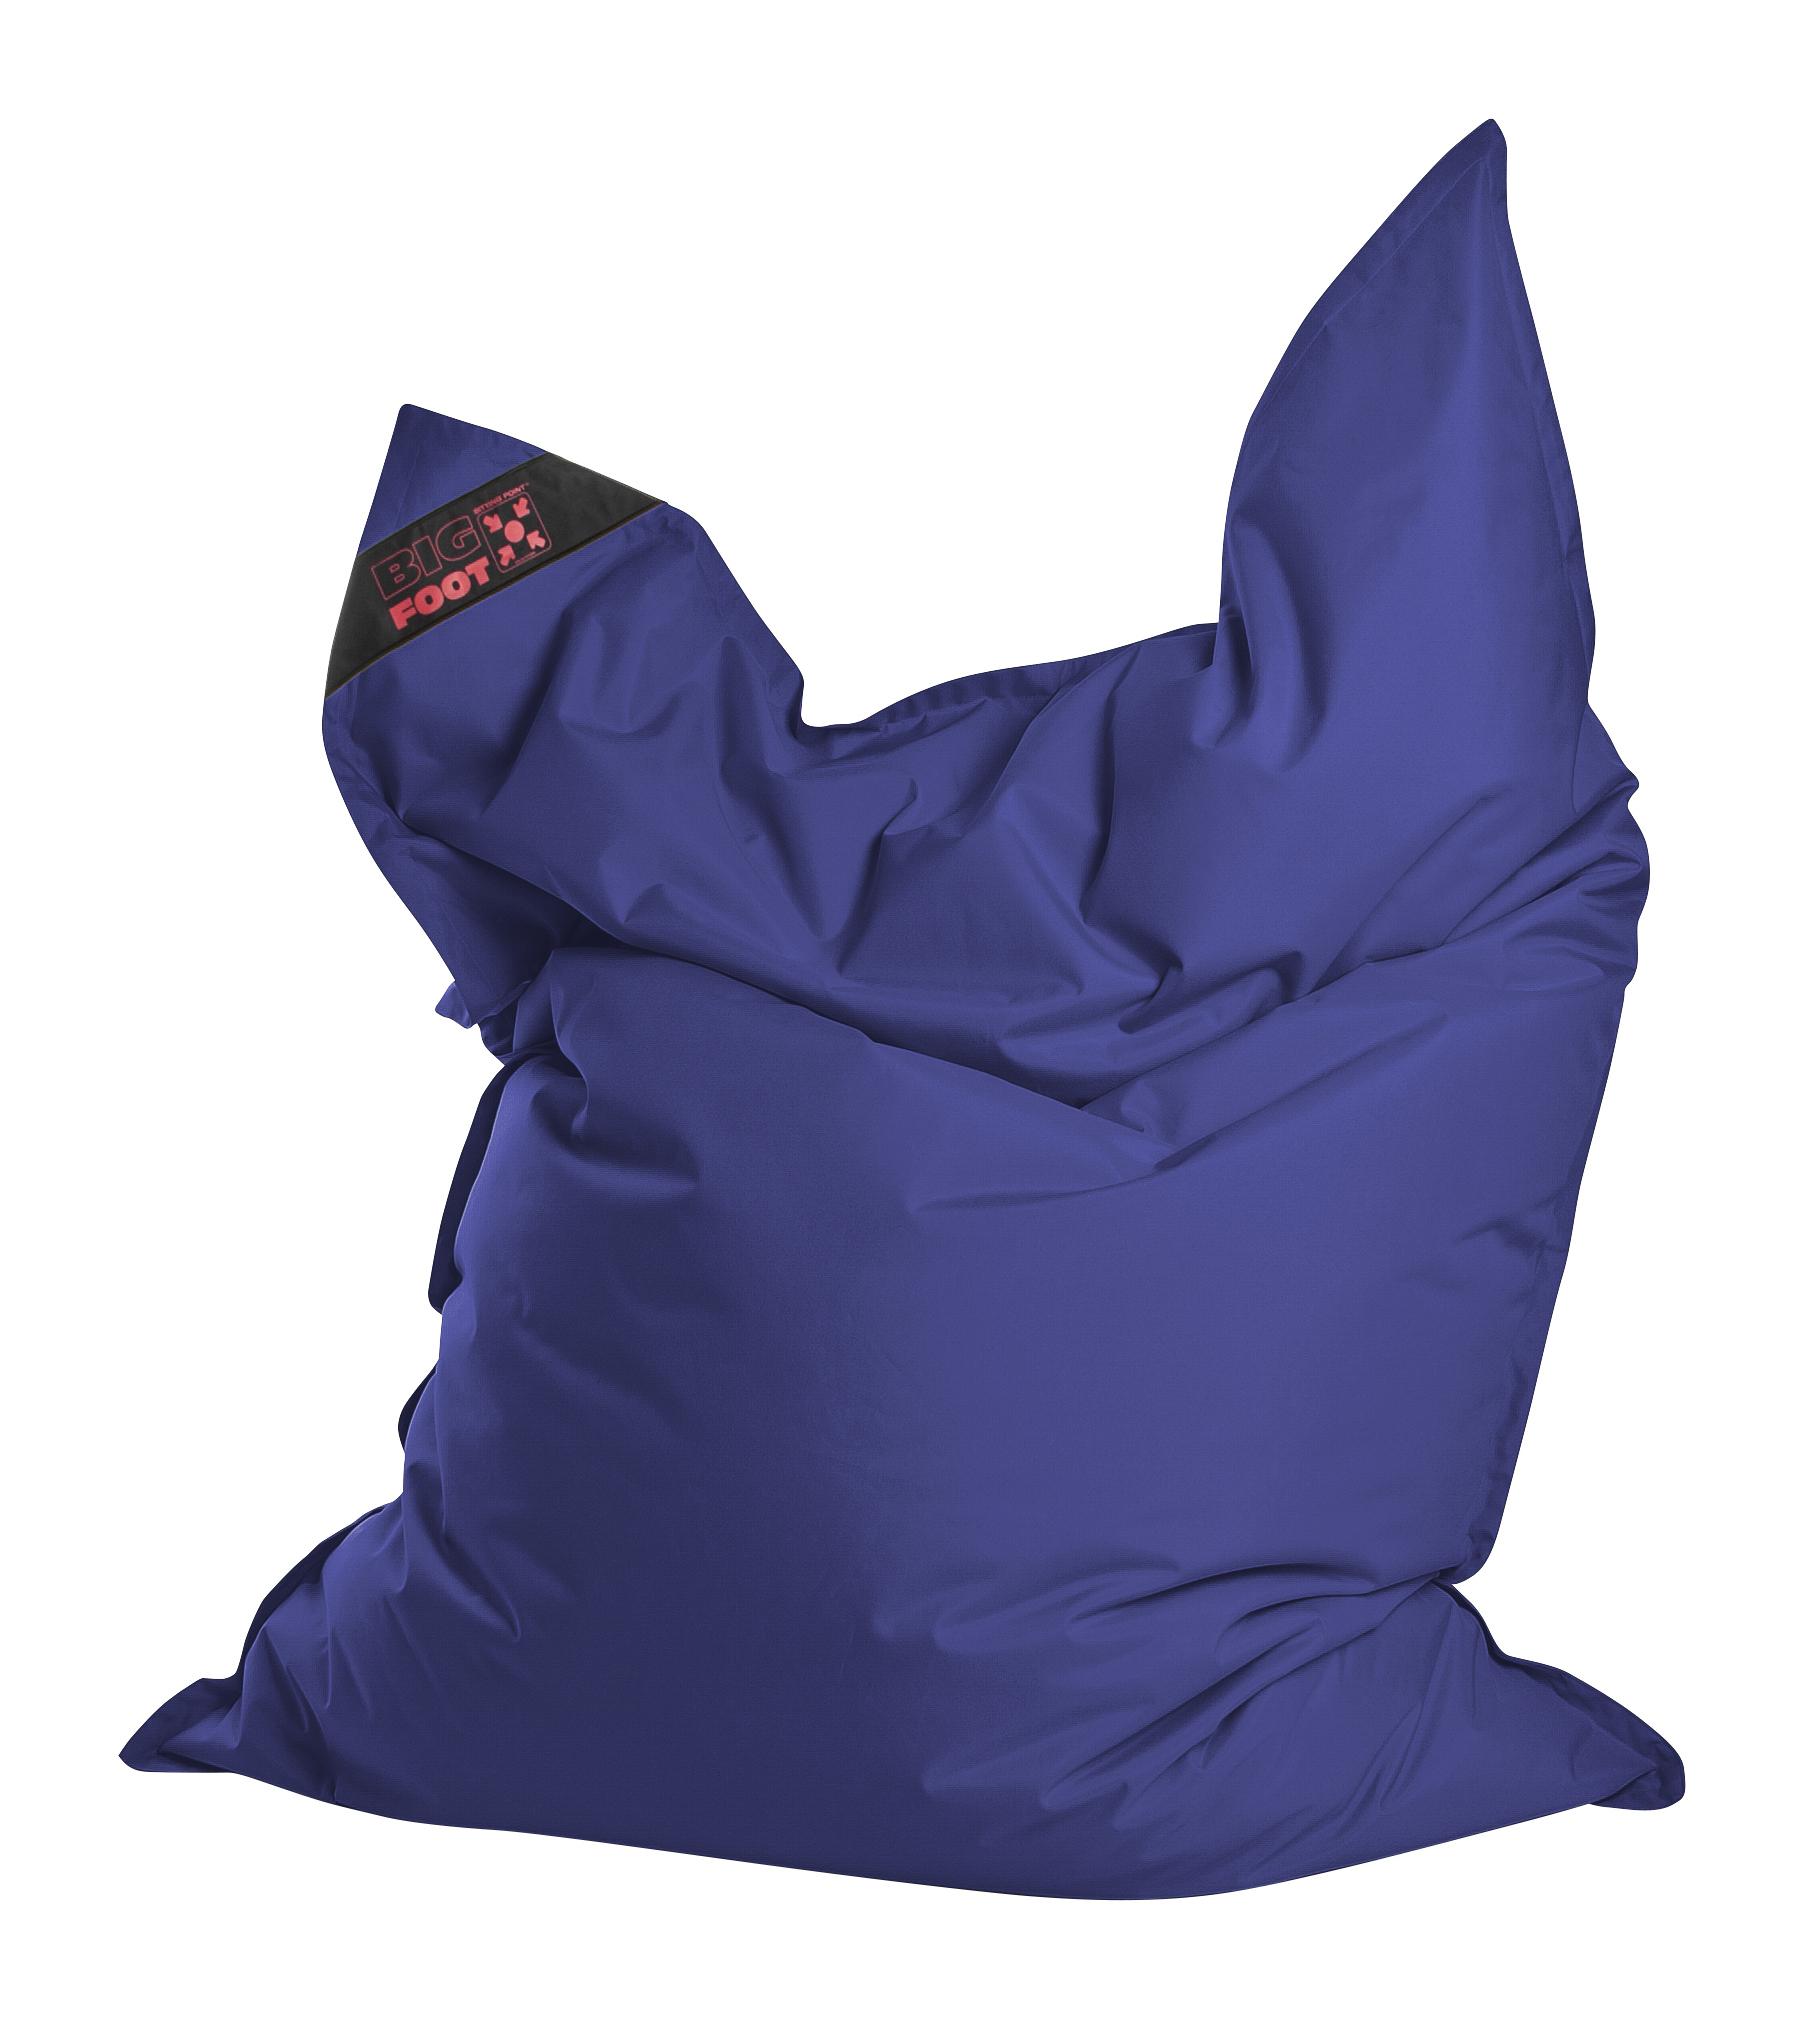 Coussin géant en polyester imperméable bleu